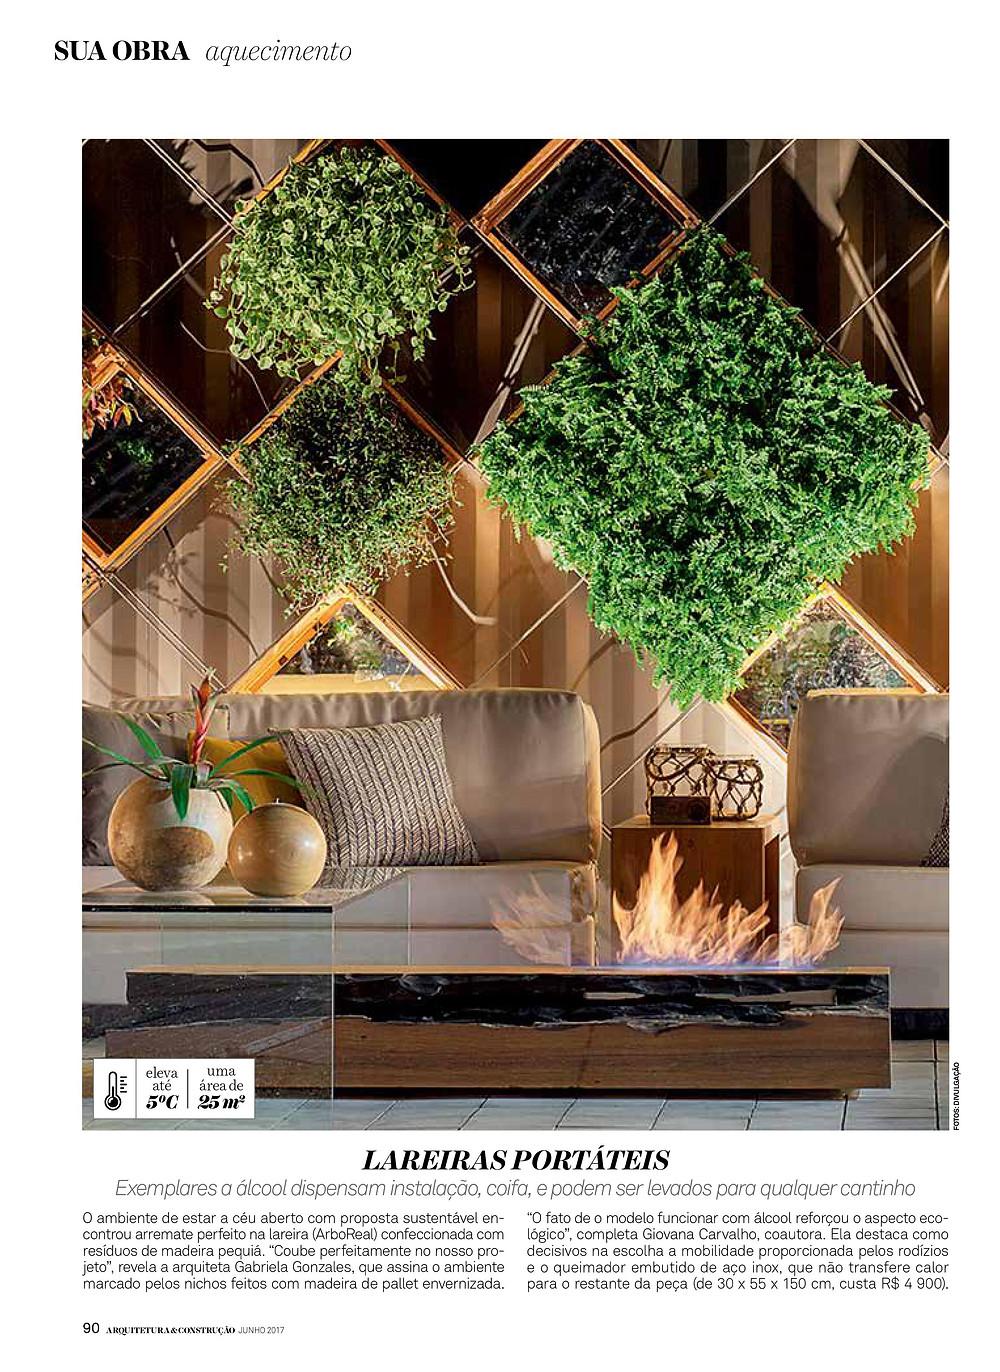 Página da Revista Arquitetura e Construção mostrando uma lareira ecológica de madeira maciça  ArboREAL